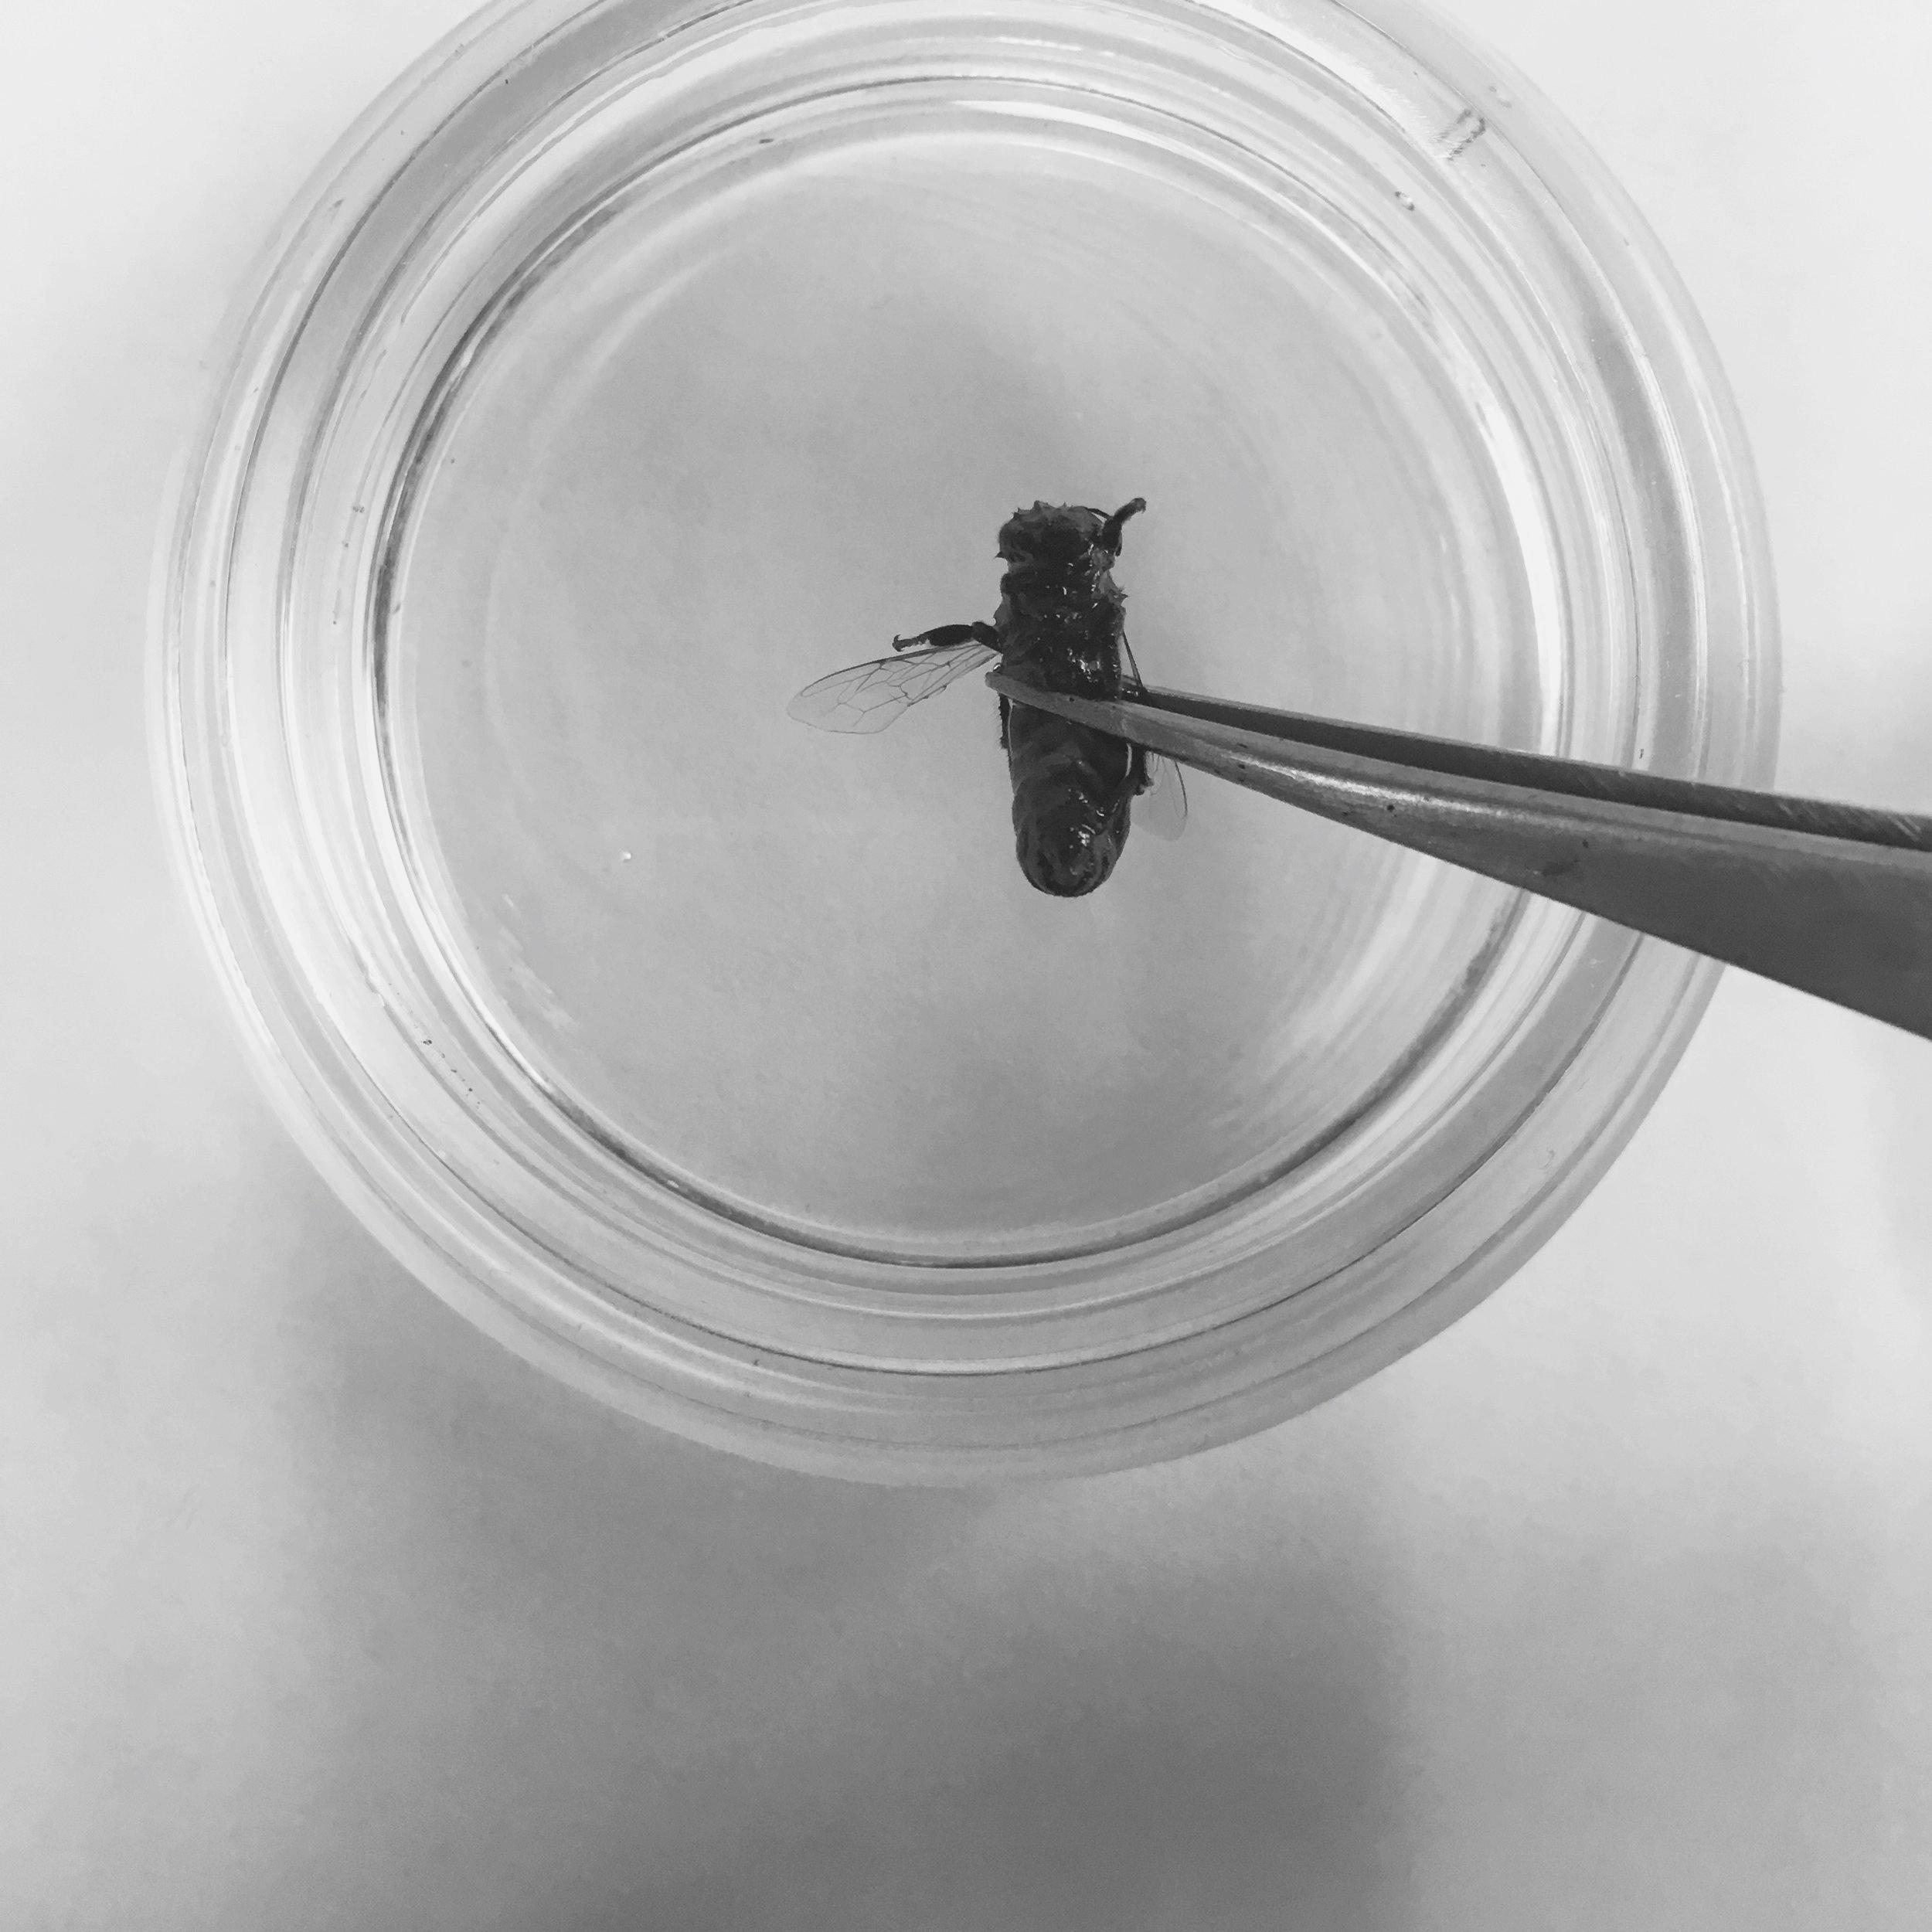 honey bee dish dissecting tweezer.jpg